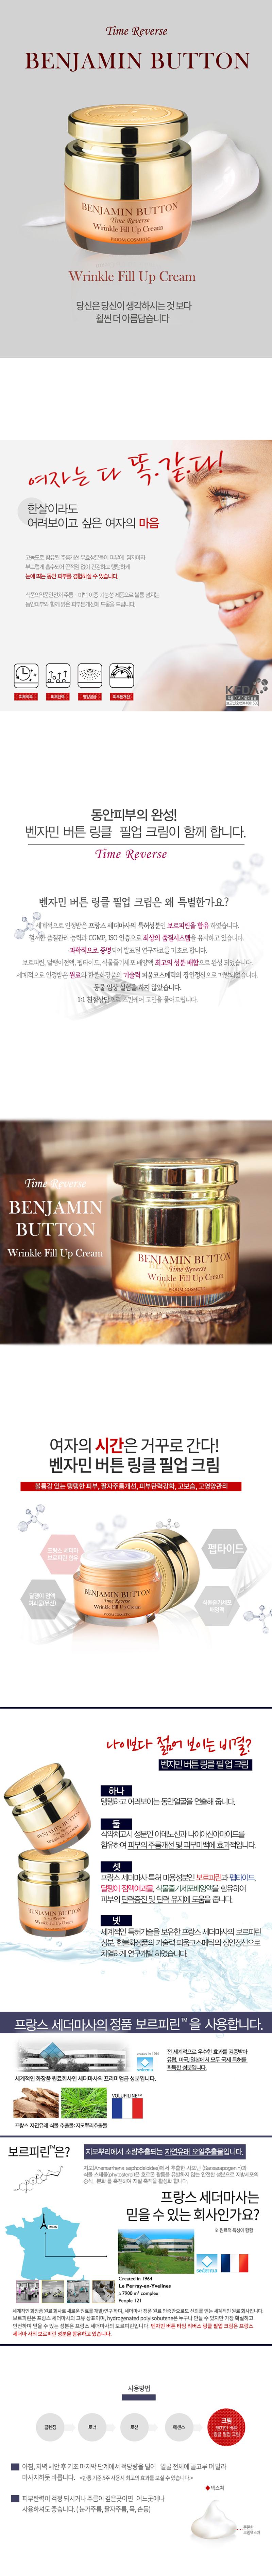 10_benjamin_button_fill_up_cream01.jpg